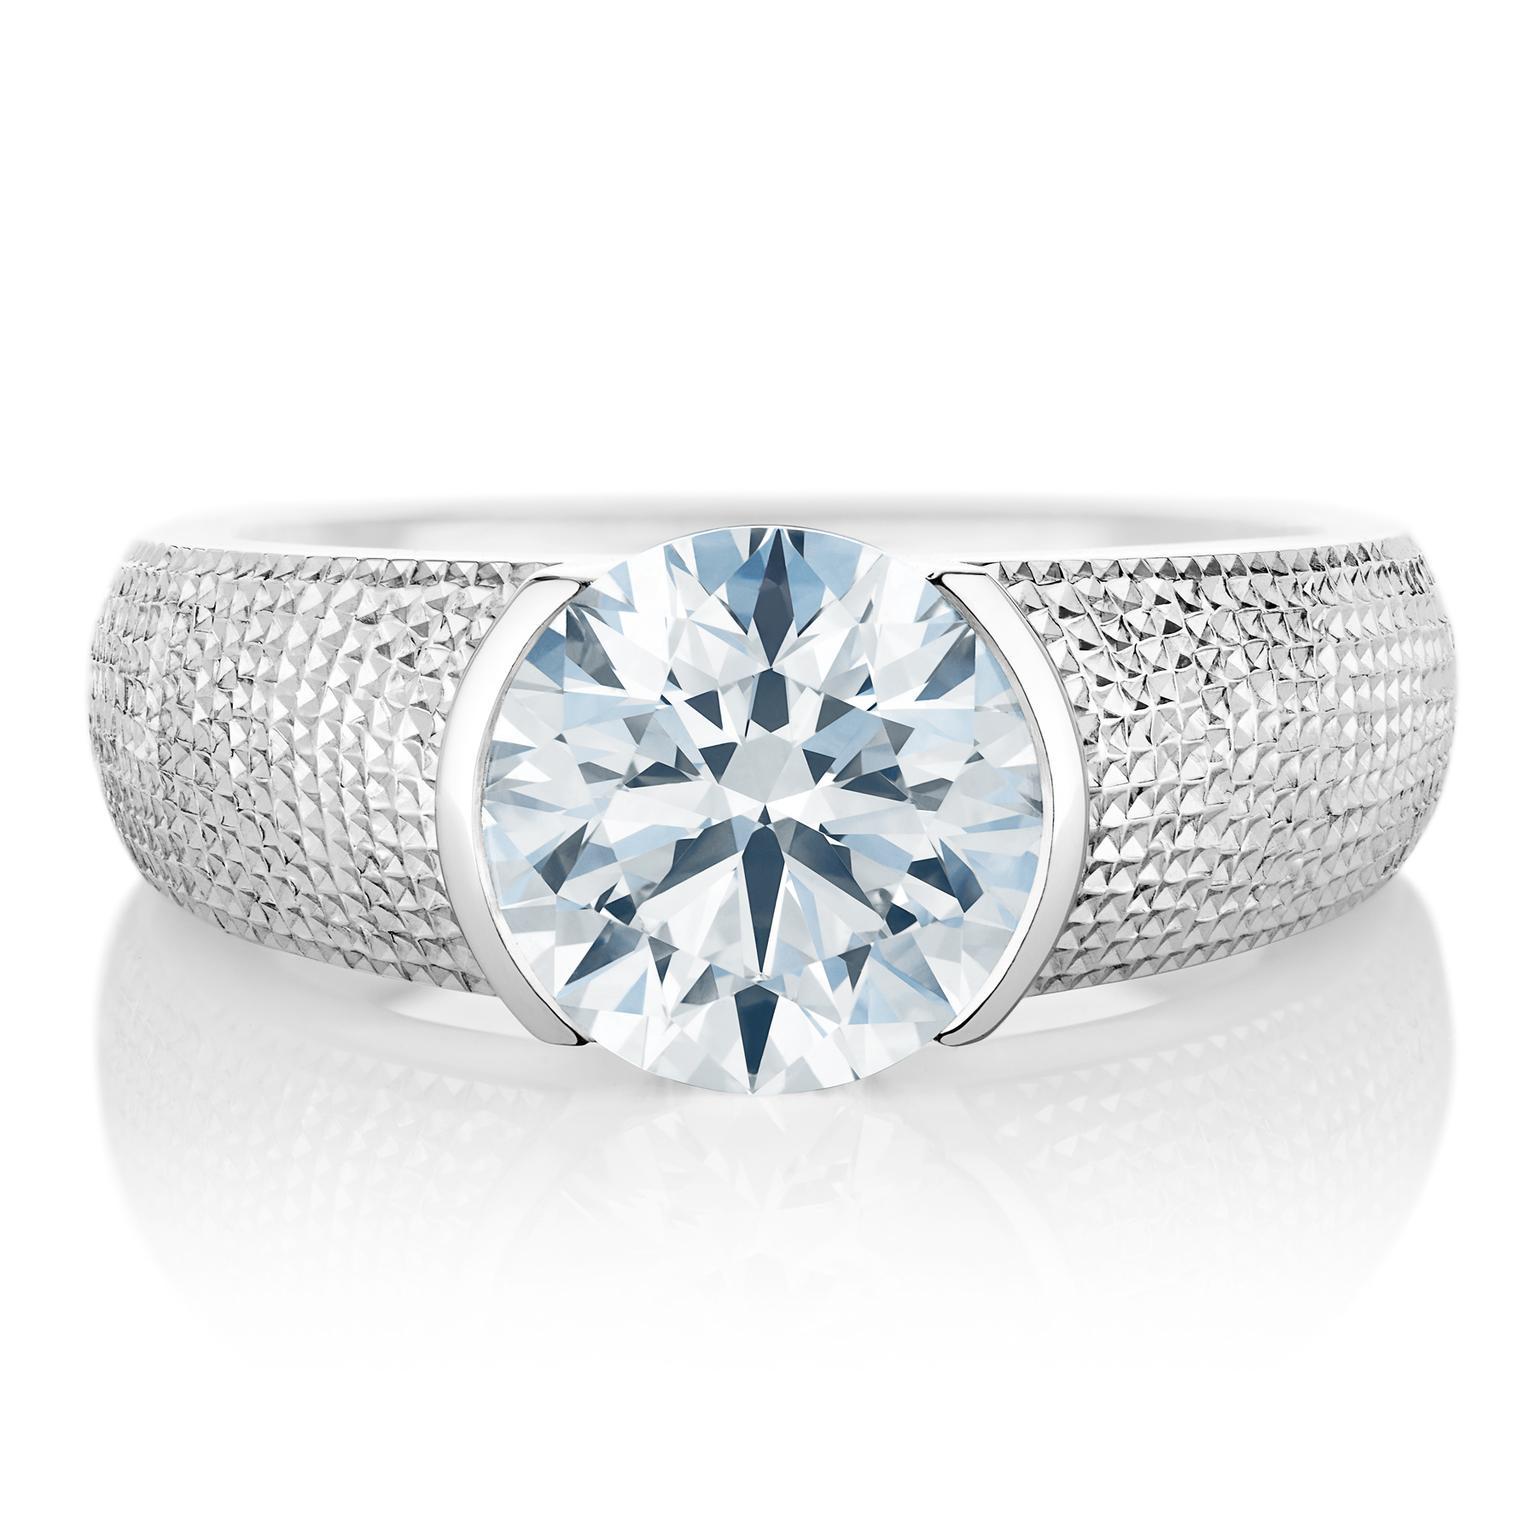 The best diamond engagement rings for men